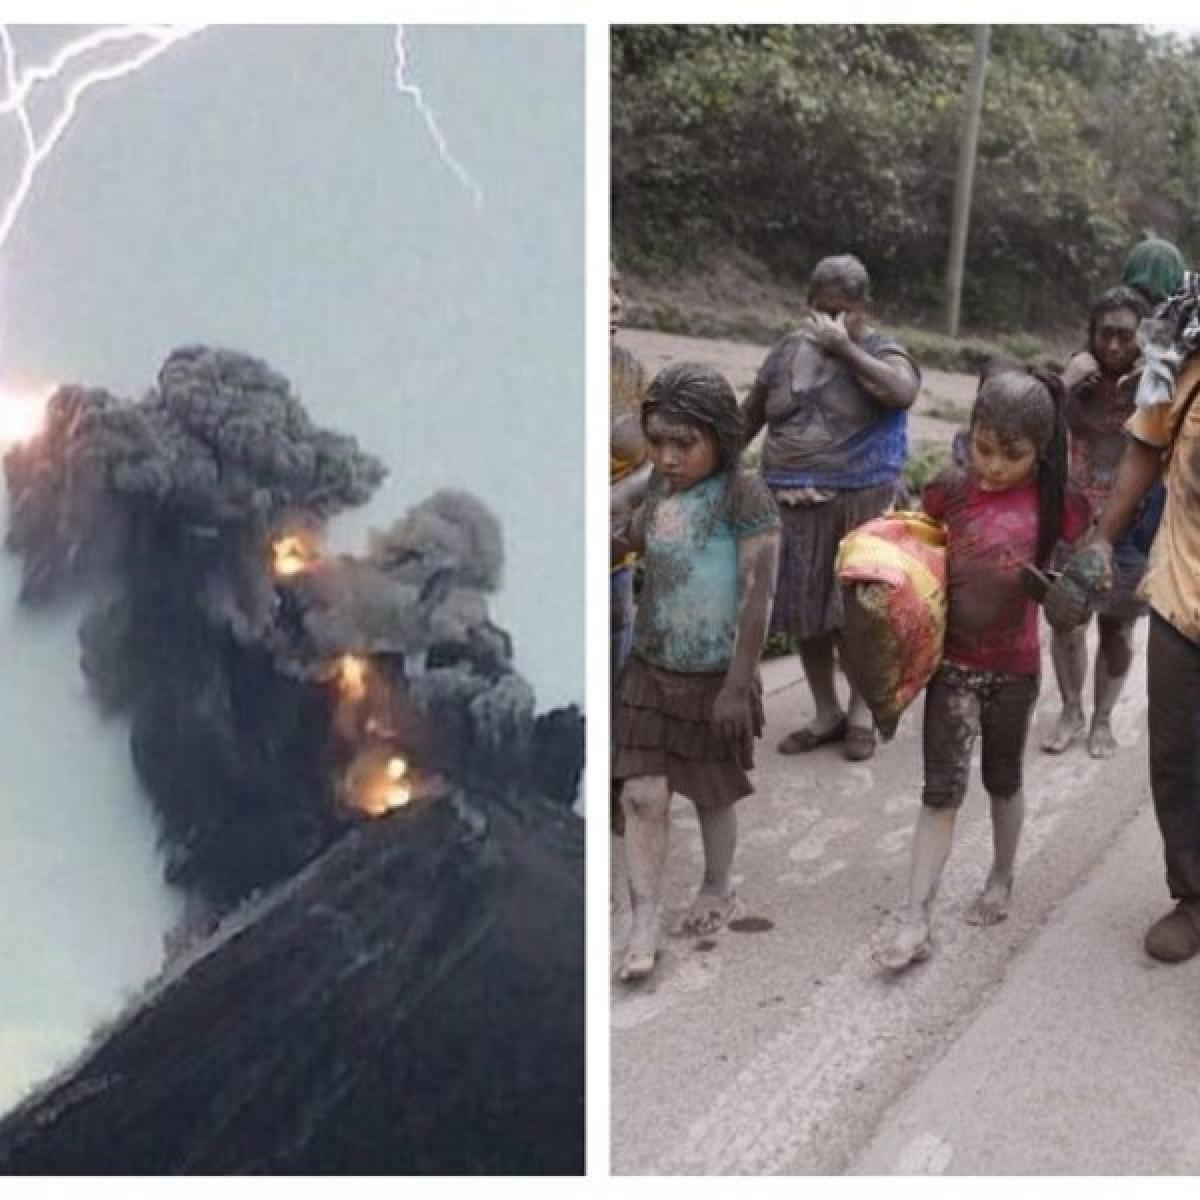 25 பேரின் உயிரைப் பறித்த எரிமலை... சாம்பலால் மூடப்பட்ட கிராமங்கள் # ShockingVideo